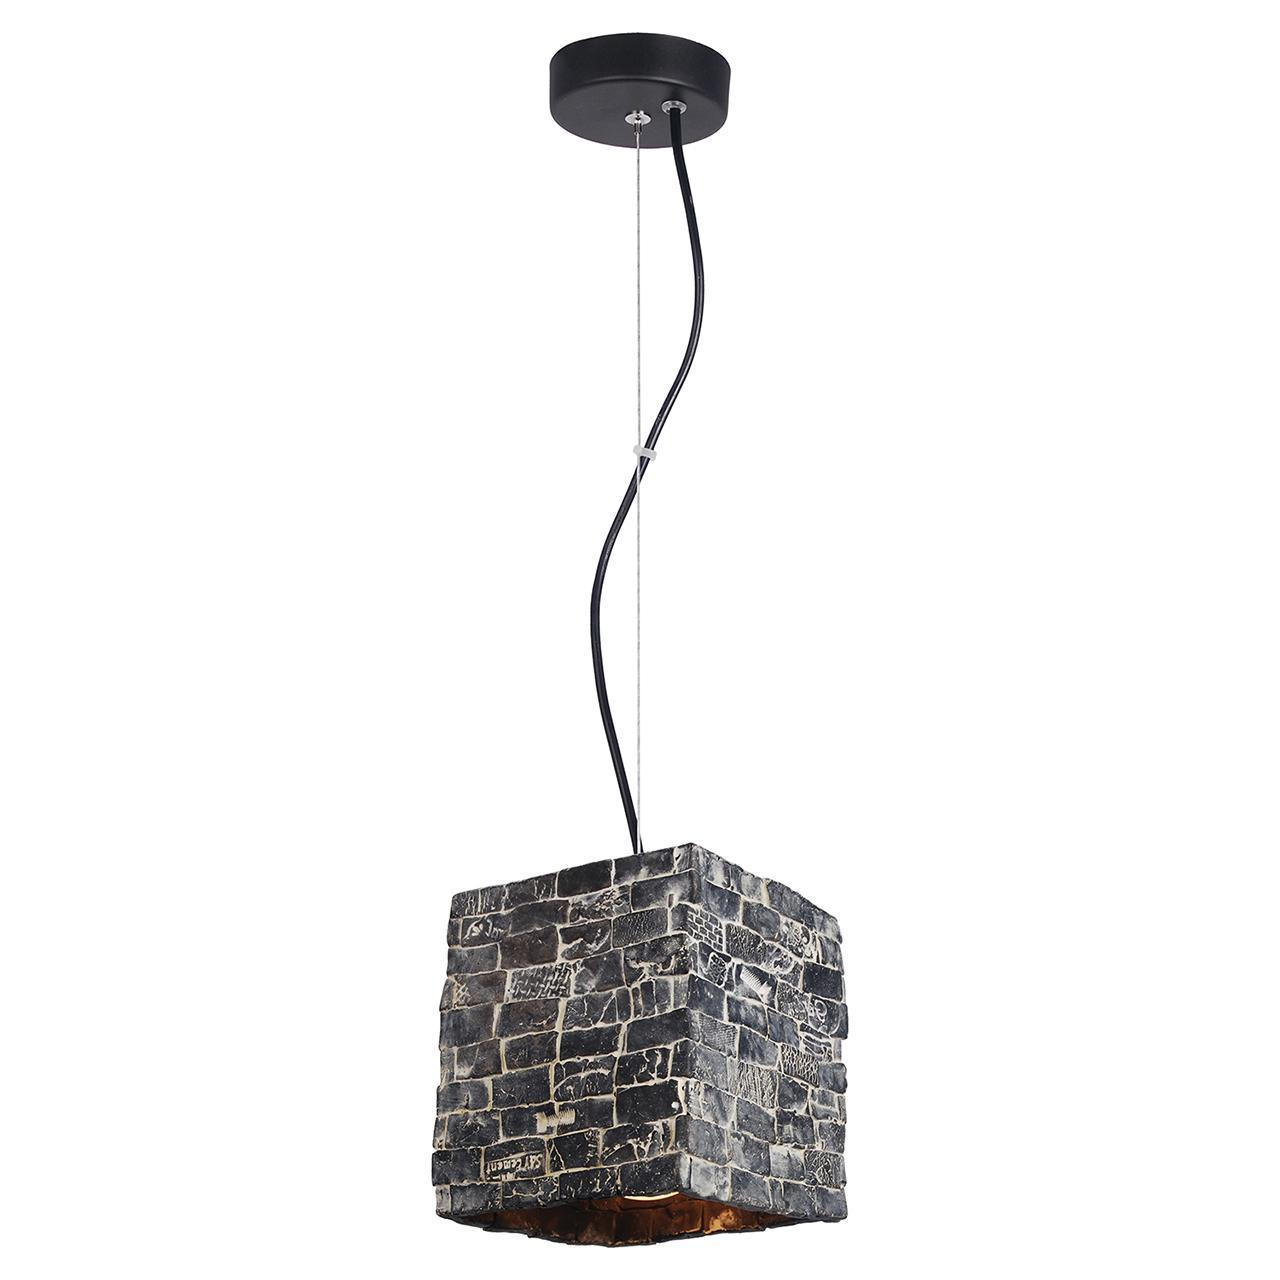 Подвесной светильник Lussole Loft LSP-9898 подвесной светильник lussole lsp 9898